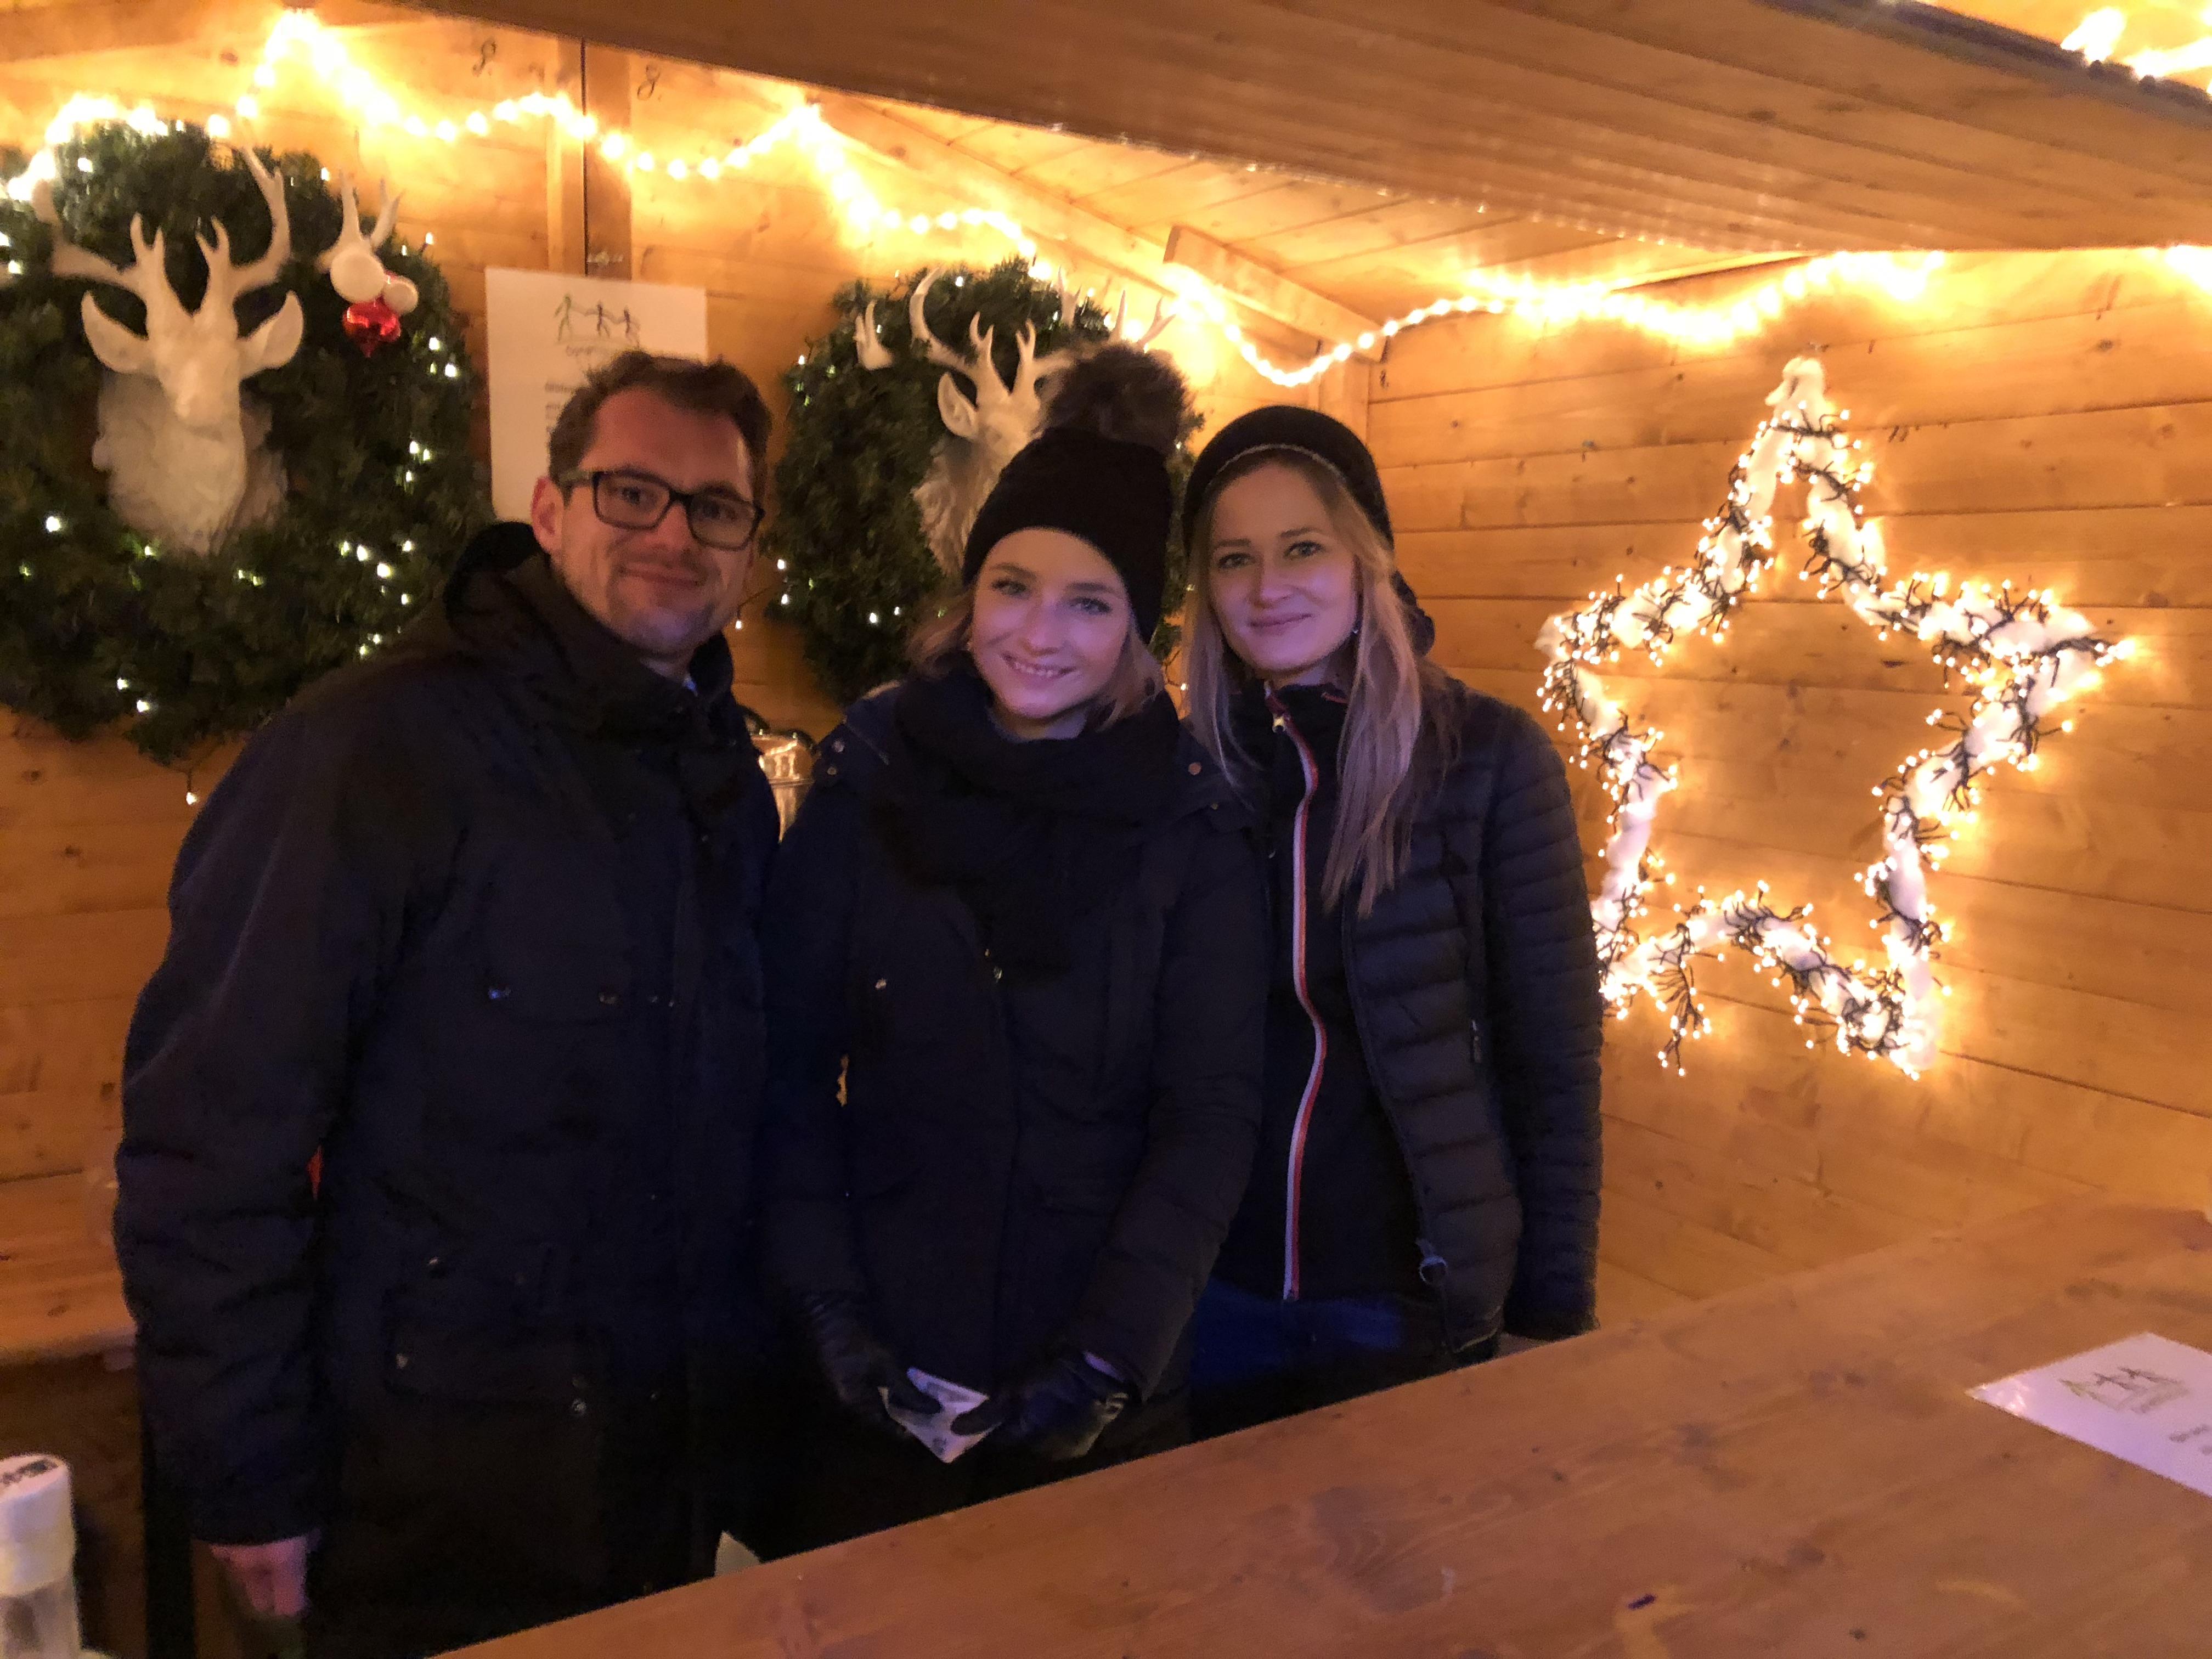 OsnaBRÜCKE - Weihnachtsmarkt 2017 - 1